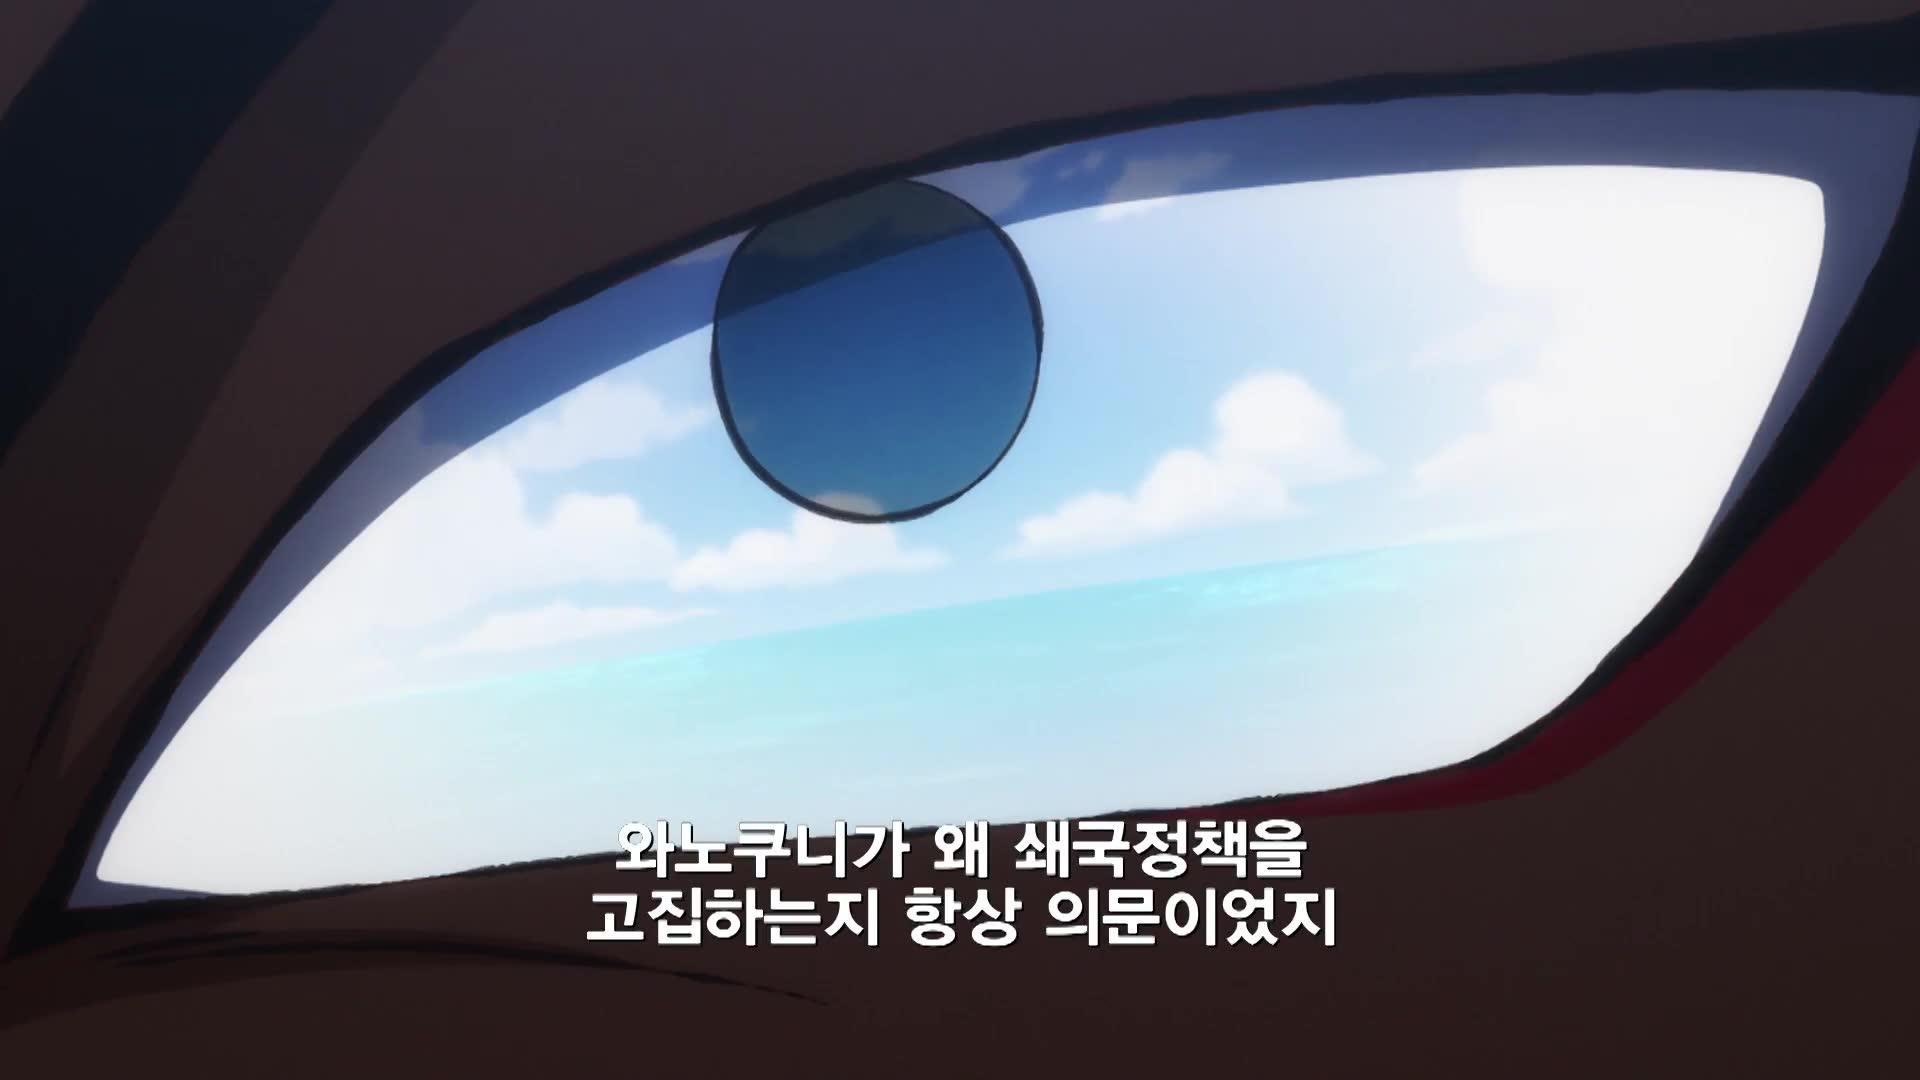 26화 약속의 항구! 무사의 나라 제3막 개막